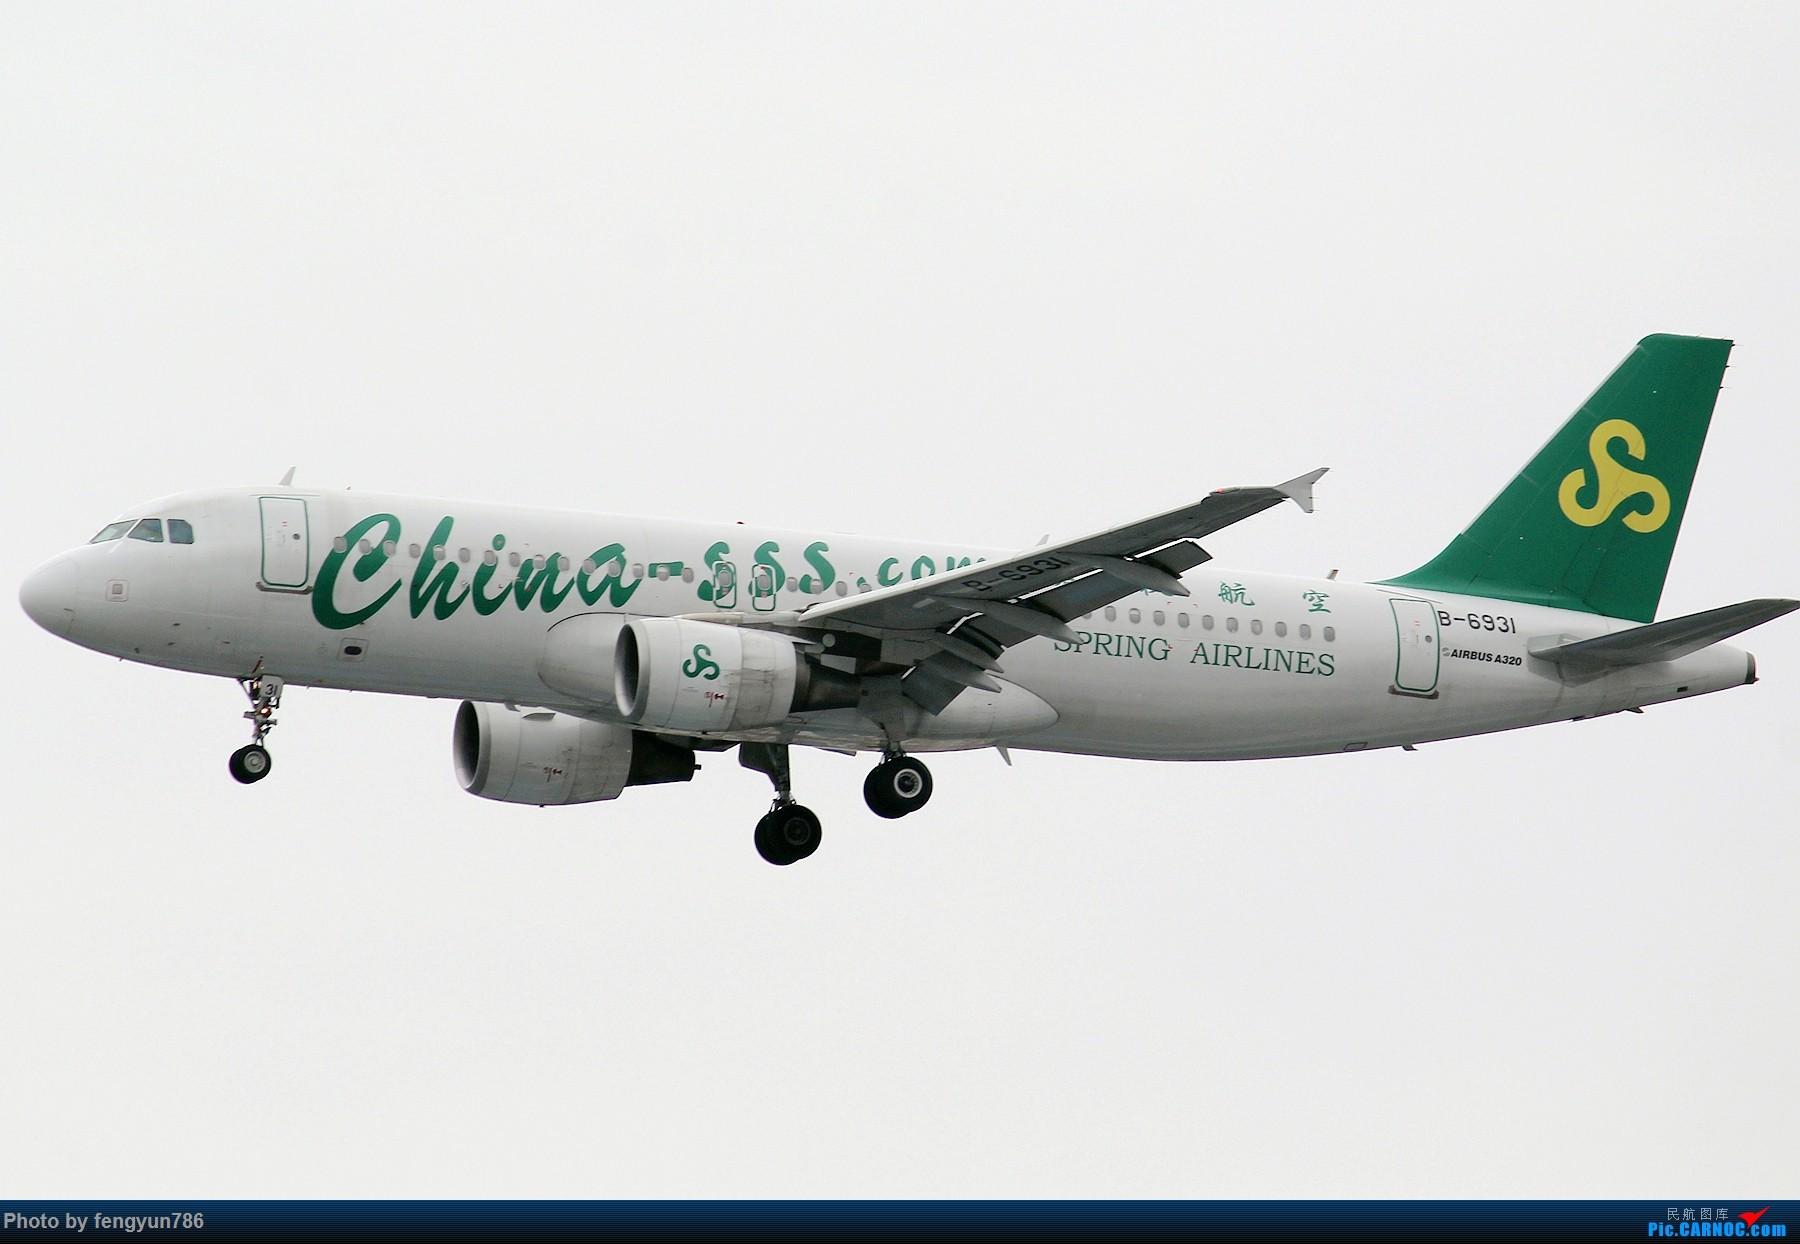 Re:[原创]新人首贴,6.18 SHA流水账 AIRBUS A320-200 B-6931 中国上海虹桥国际机场